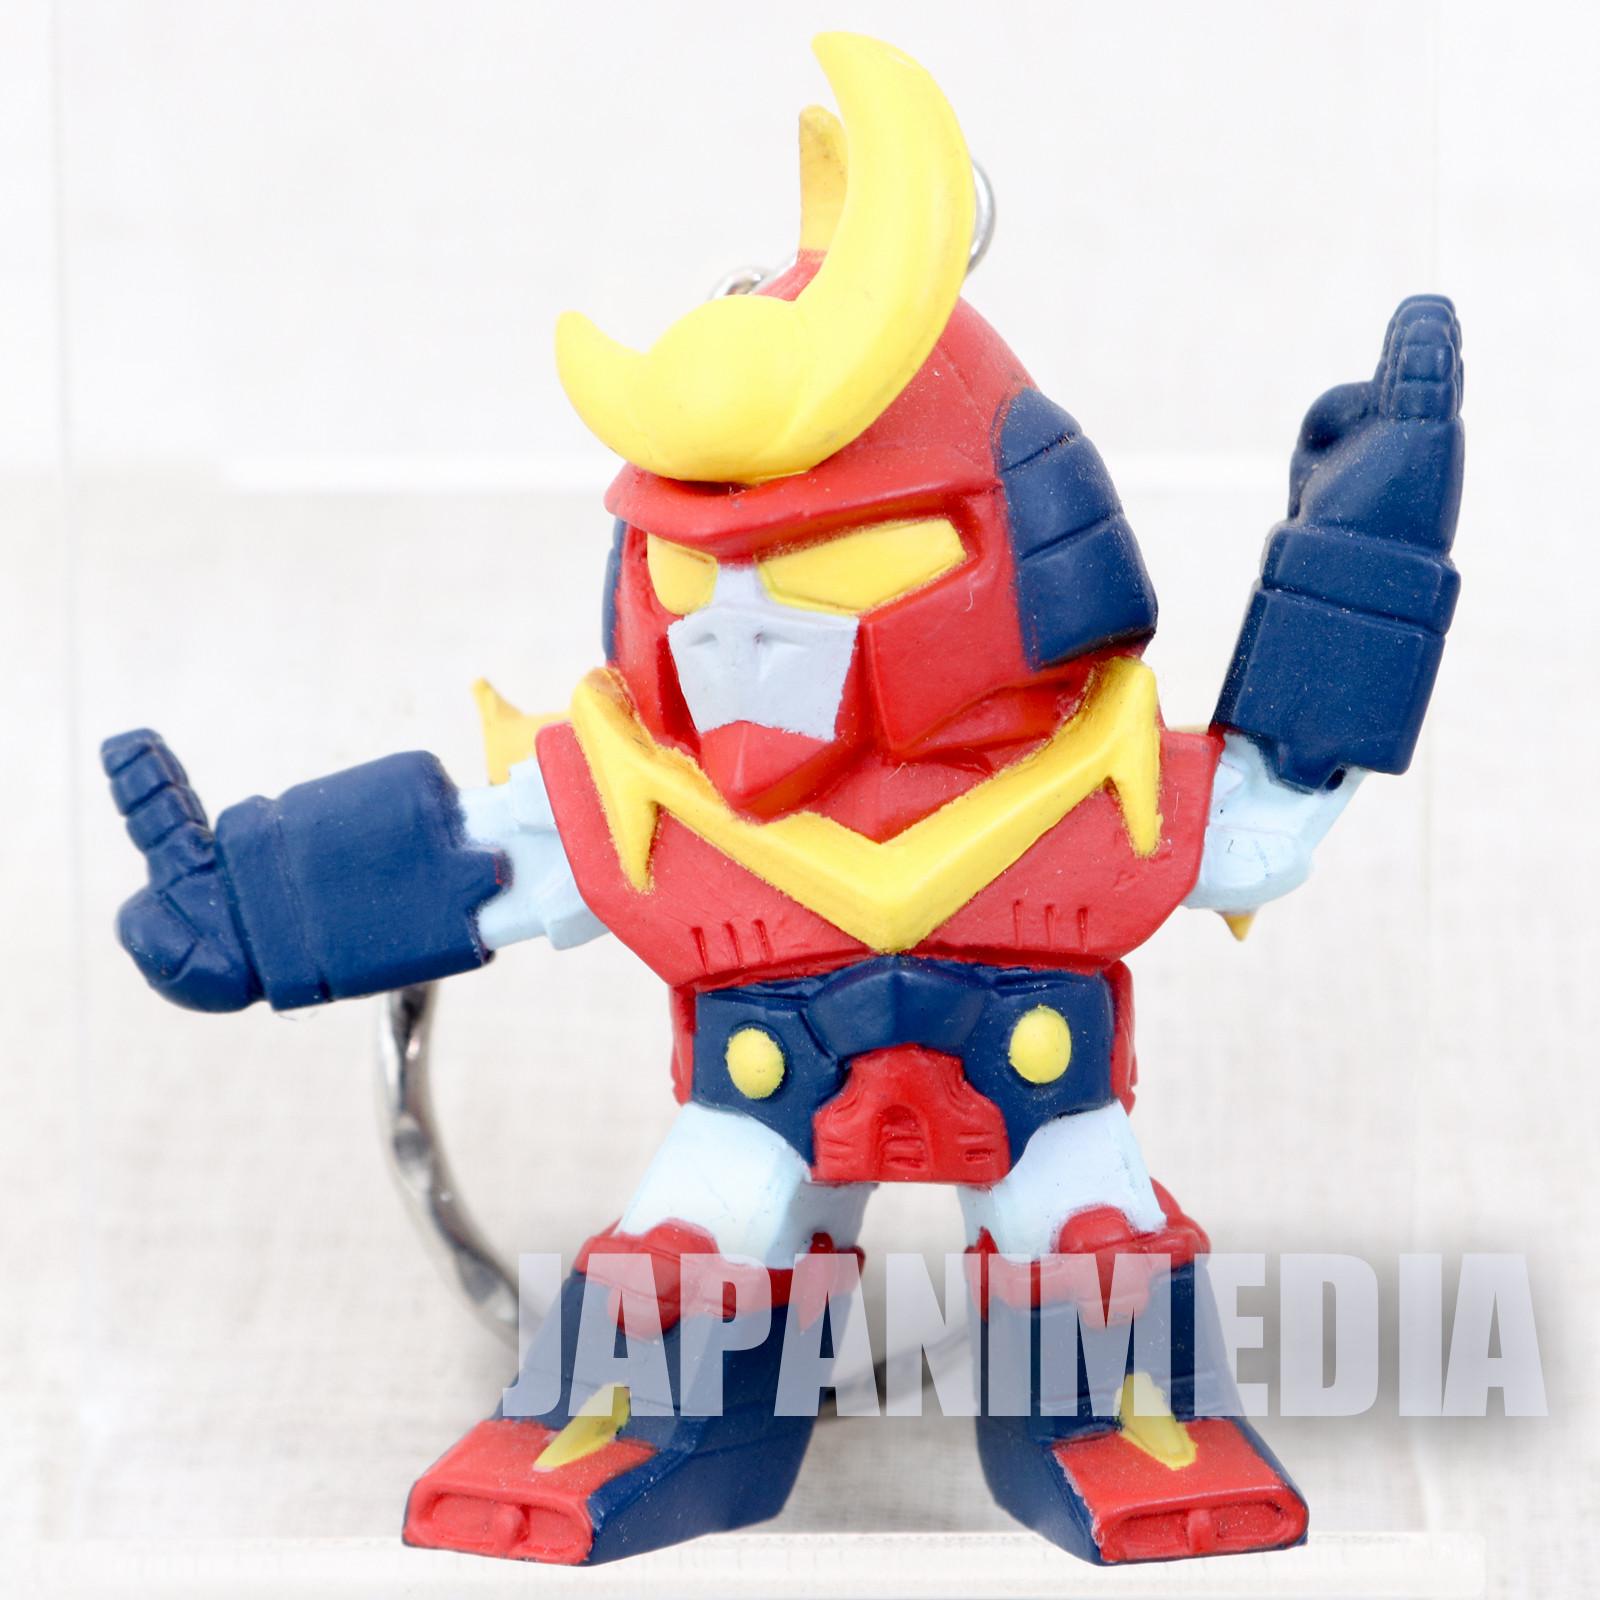 Zambot 3 Super Robot Wars Figure Key Chain JAPAN ANIME MANGA